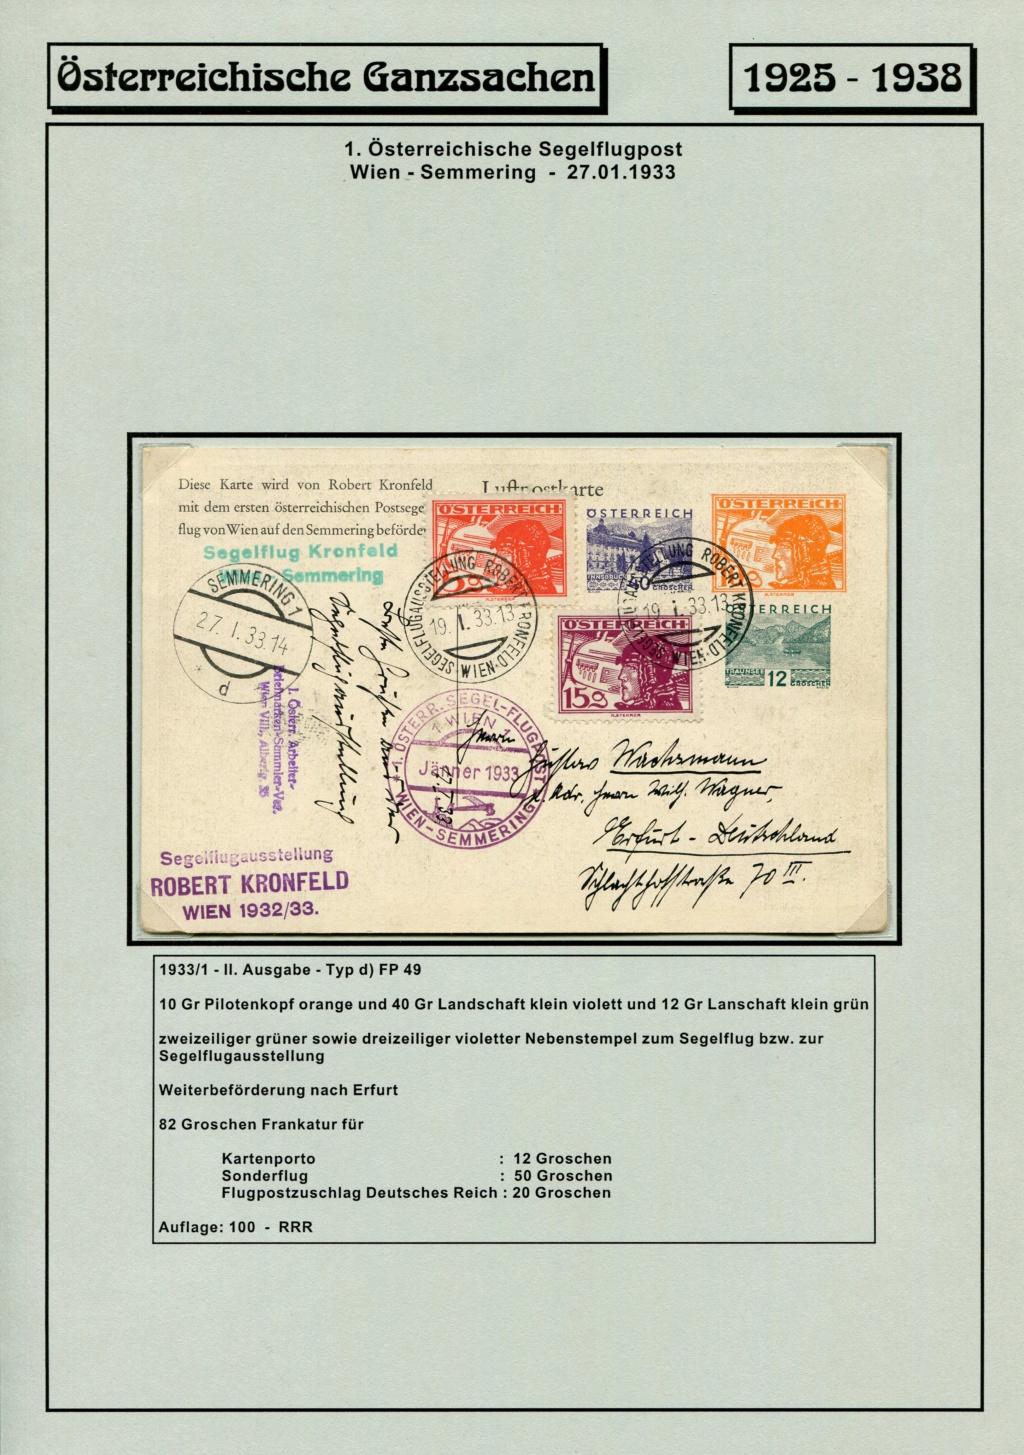 Ganzsachen - Segelflug Robert Kronfeld 1933 Kr_00114